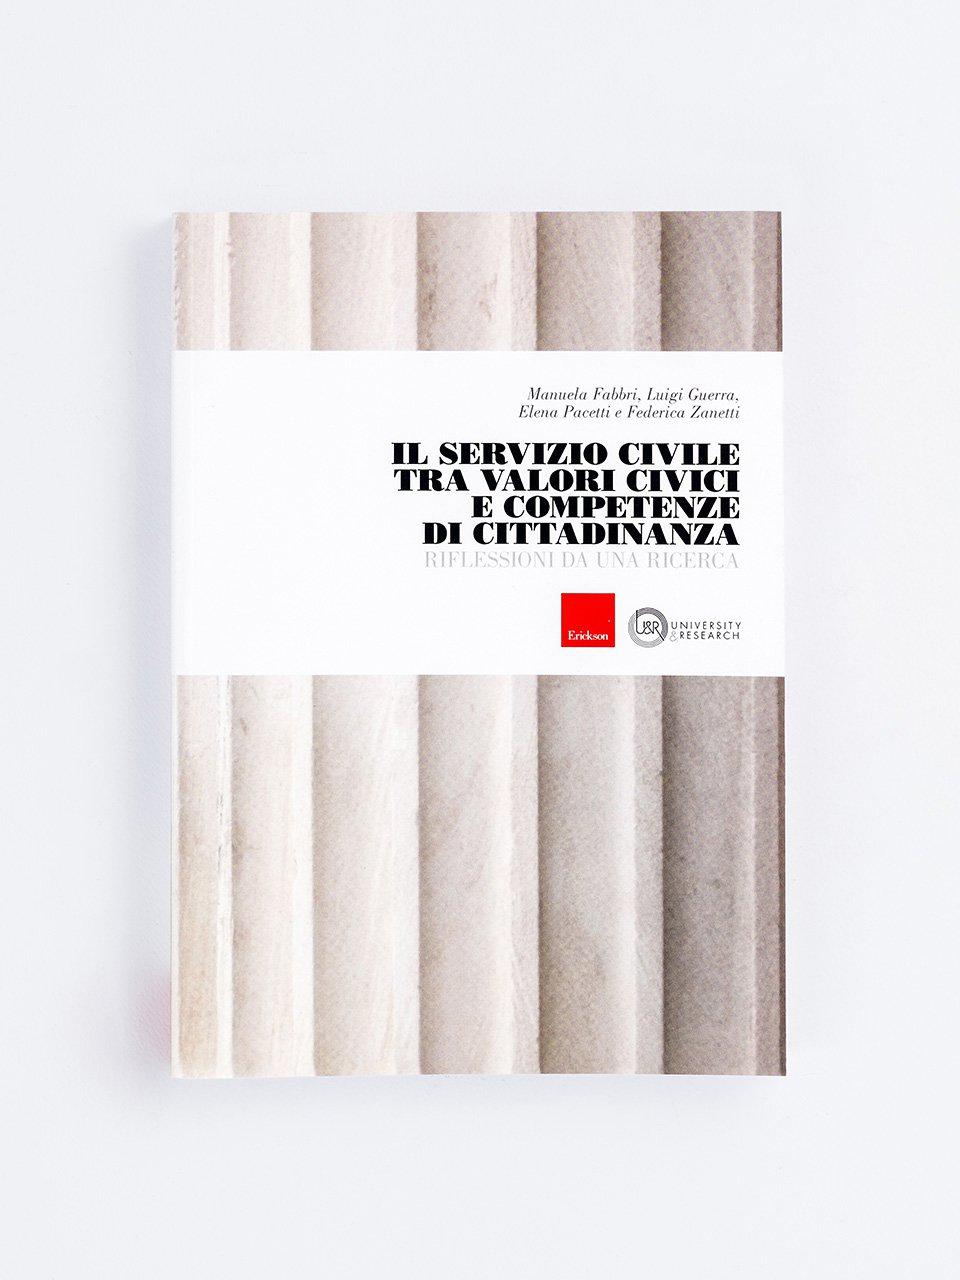 Il Servizio Civile tra valori civici e competenze di cittadinanza - Discipline sociologiche e di servizio sociale - Erickson